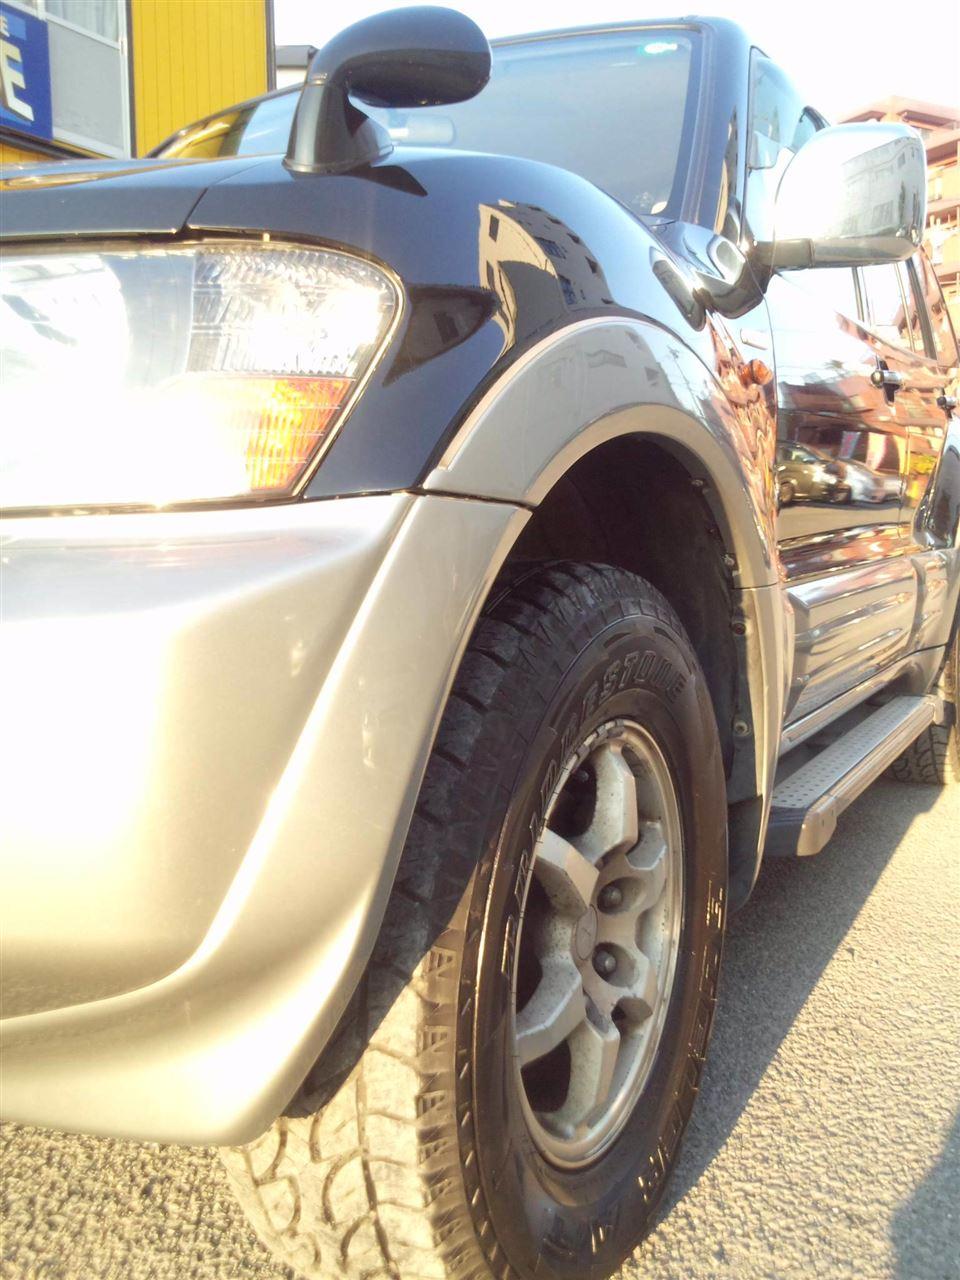 東京都立川市の車の板金塗装修理工場 ガレージローライドの三菱 パジェロの左前部のキズ へこみ の板金 修理 塗装 です。